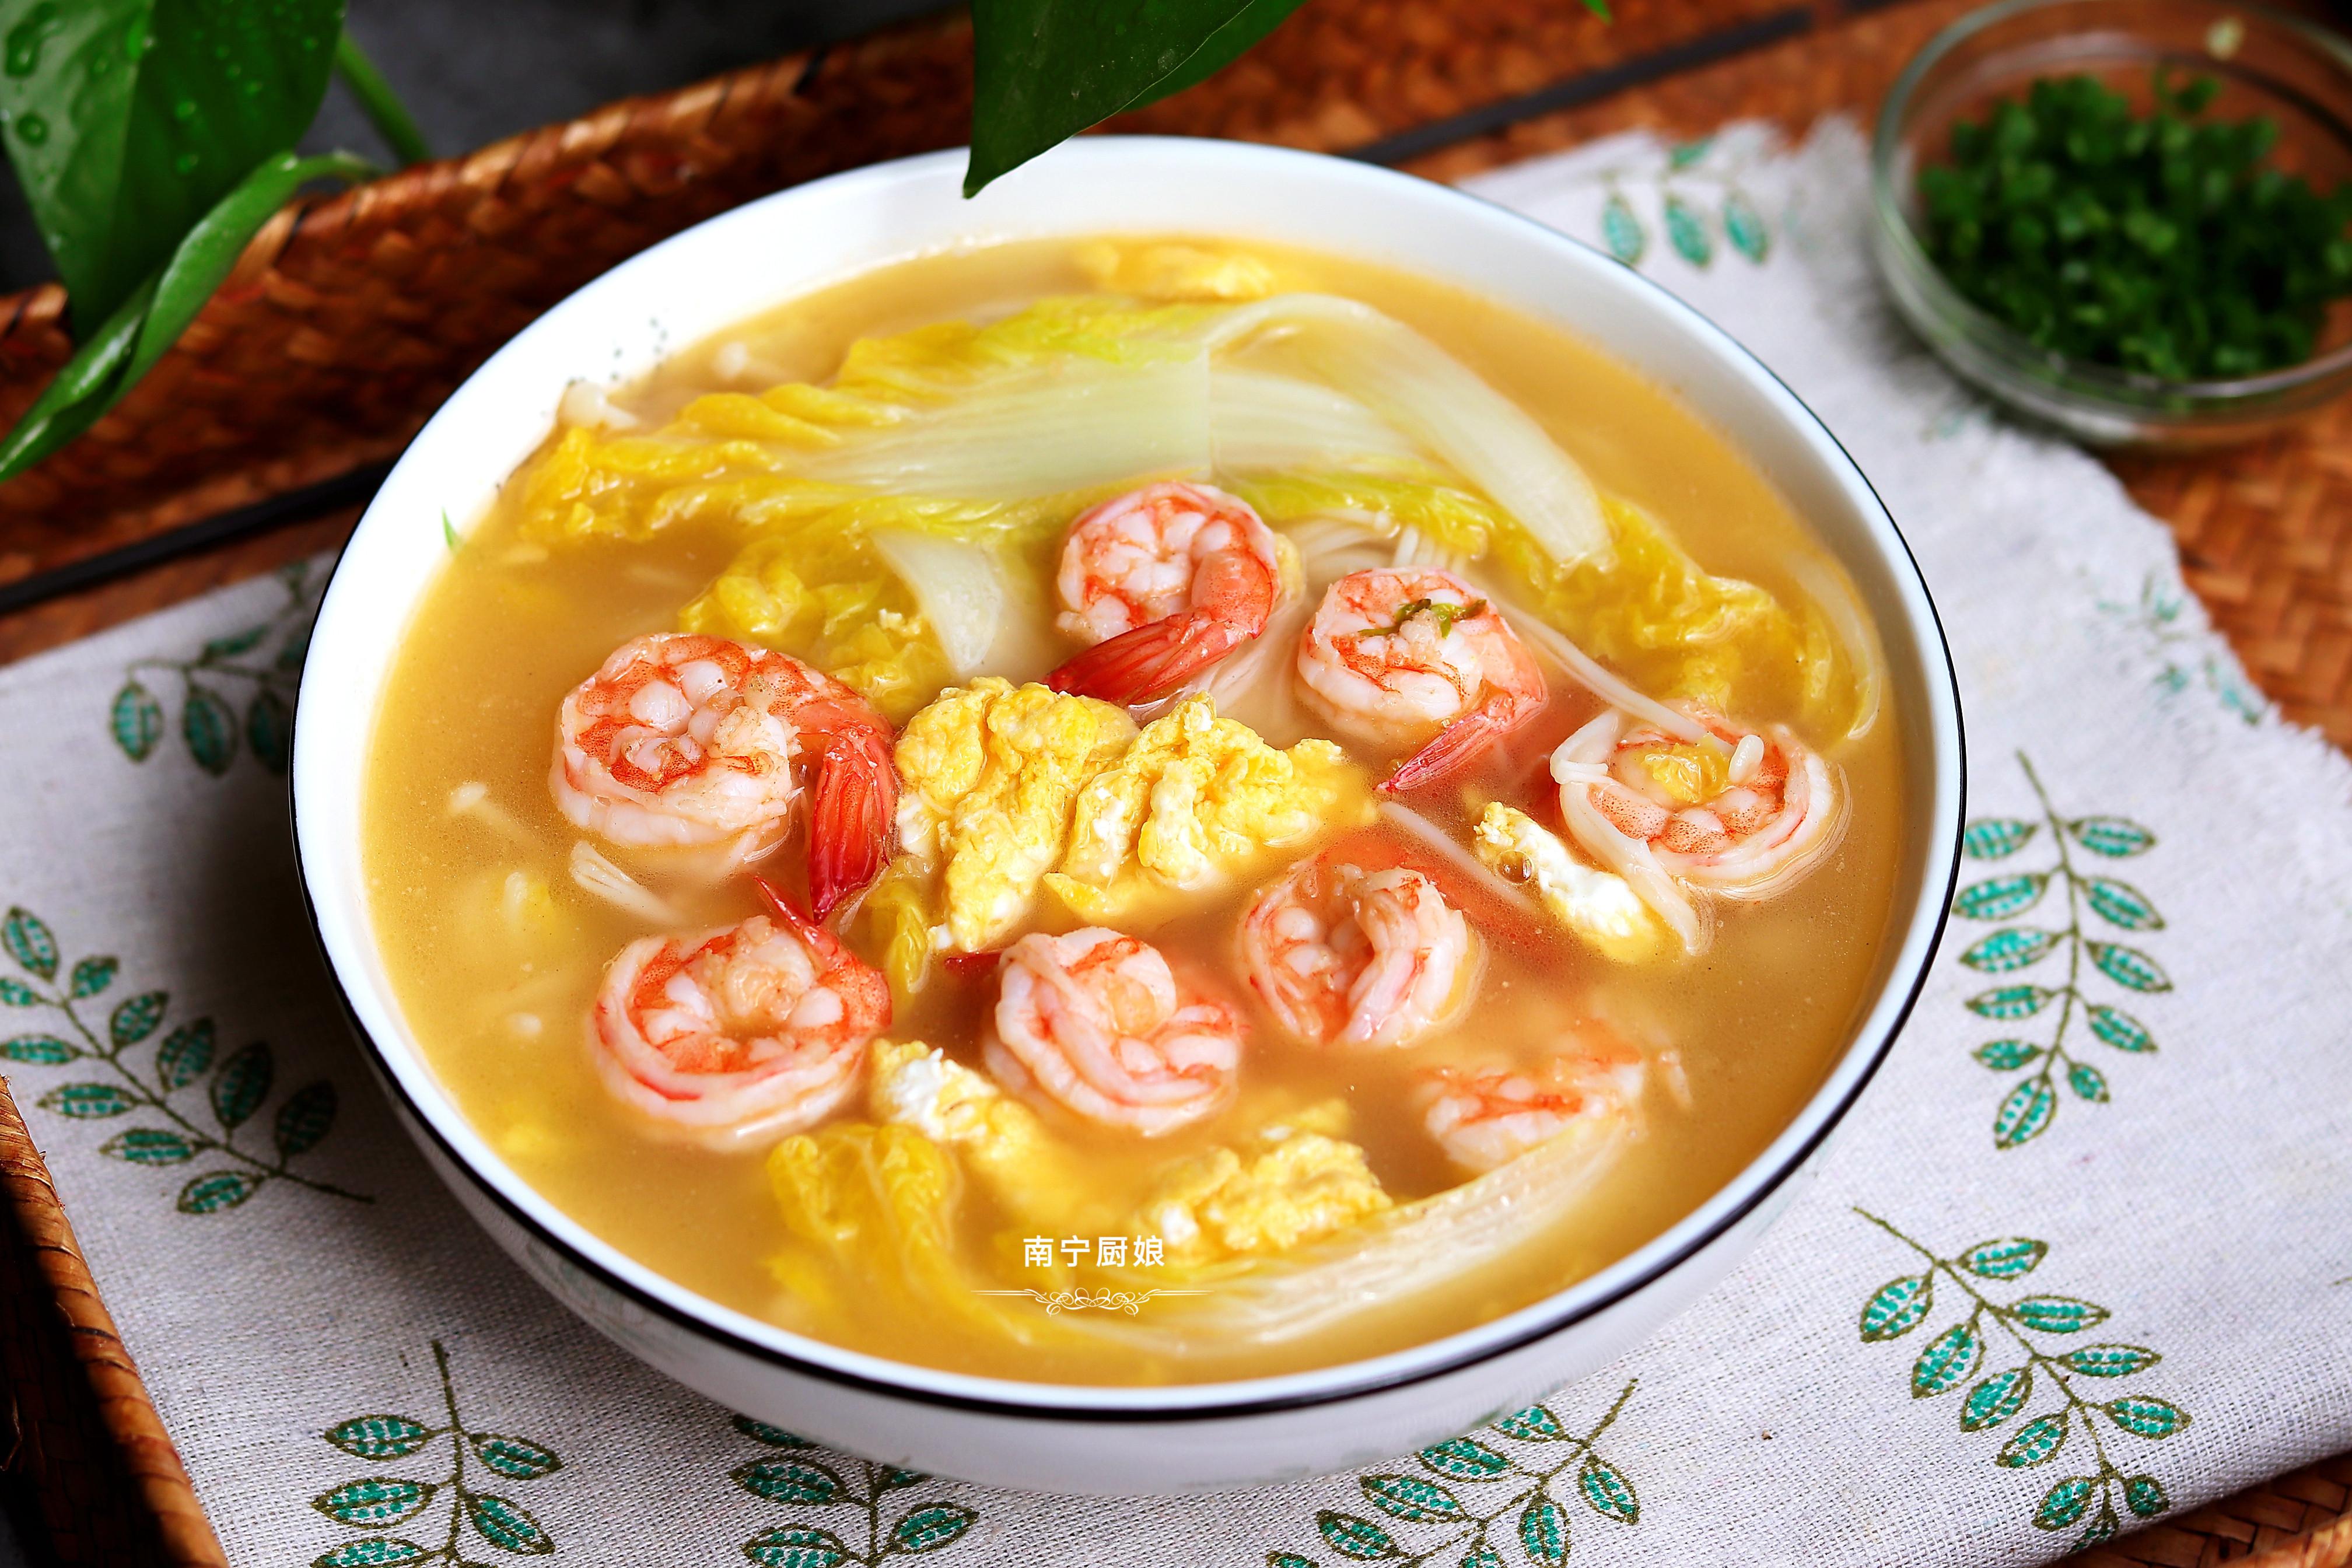 把蝦仁搭配娃娃菜一鍋煮,沒想到這麼鮮美,不愧是老婆婆的拿手菜